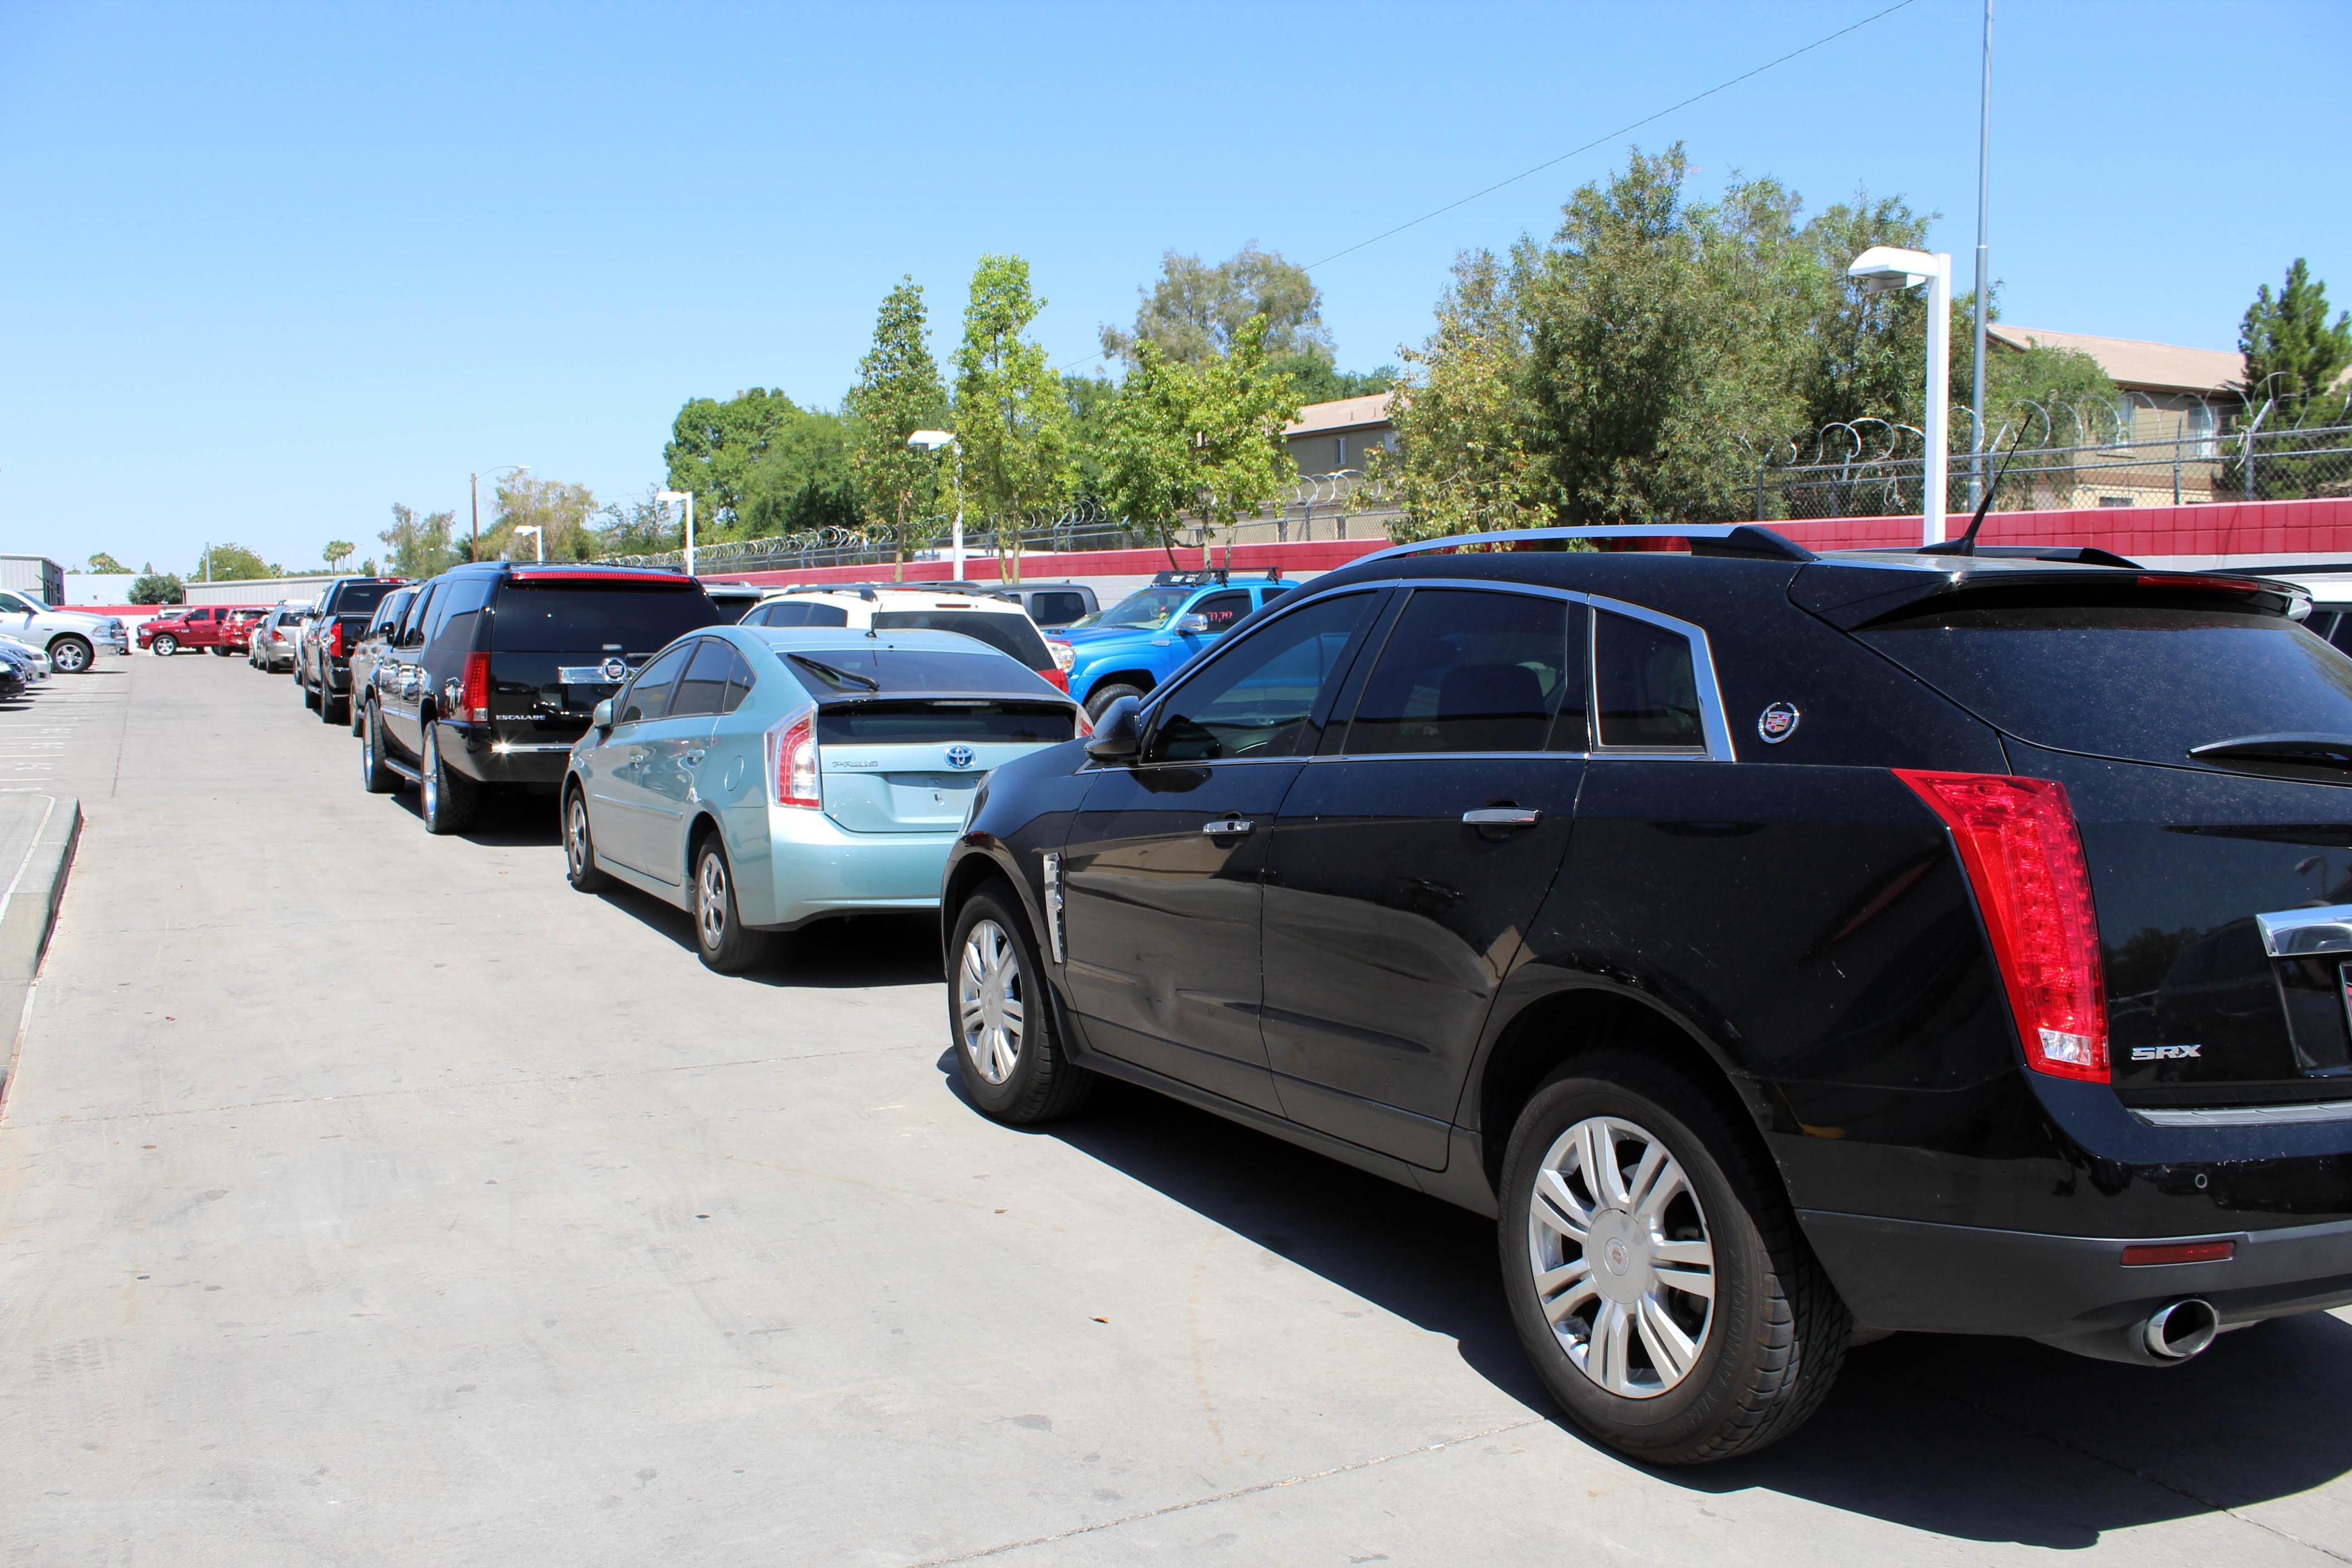 Camelback Toyota Reviews >> Camelback Toyota Service | Upcomingcarshq.com